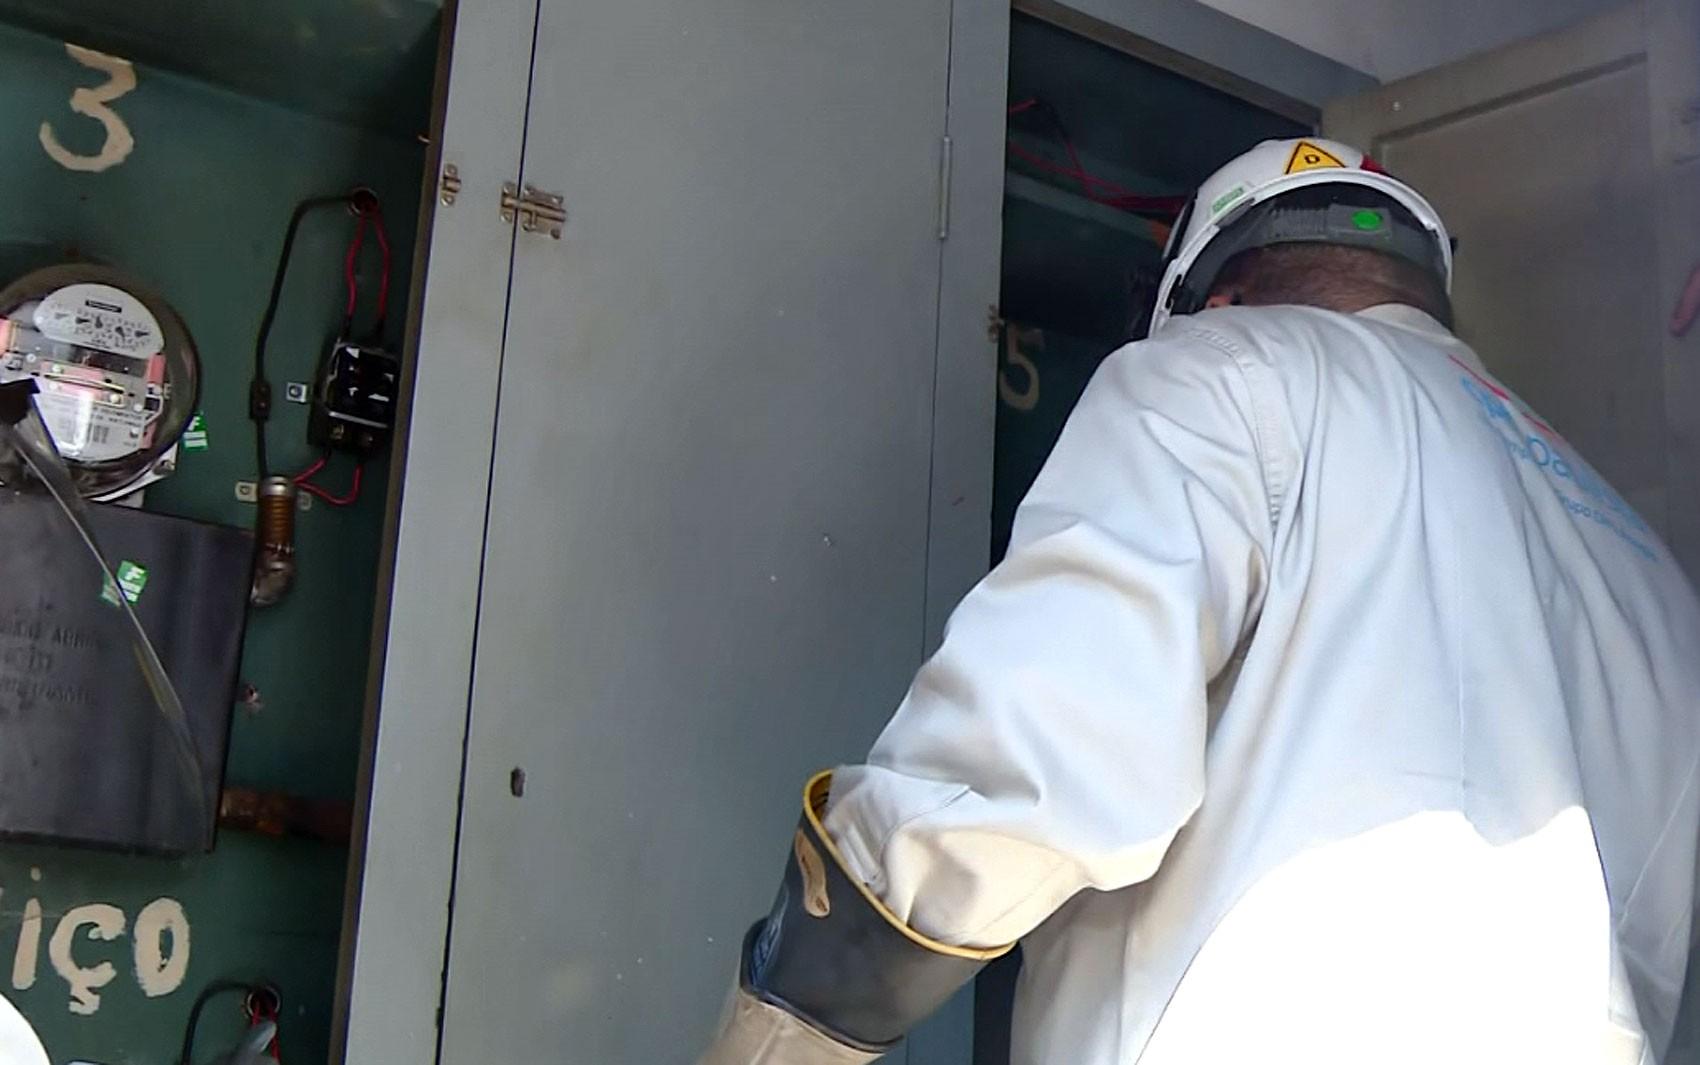 Operação da CPFL e Polícia encontra  fraudes de energia e faz flagrantes em Campinas - Noticias